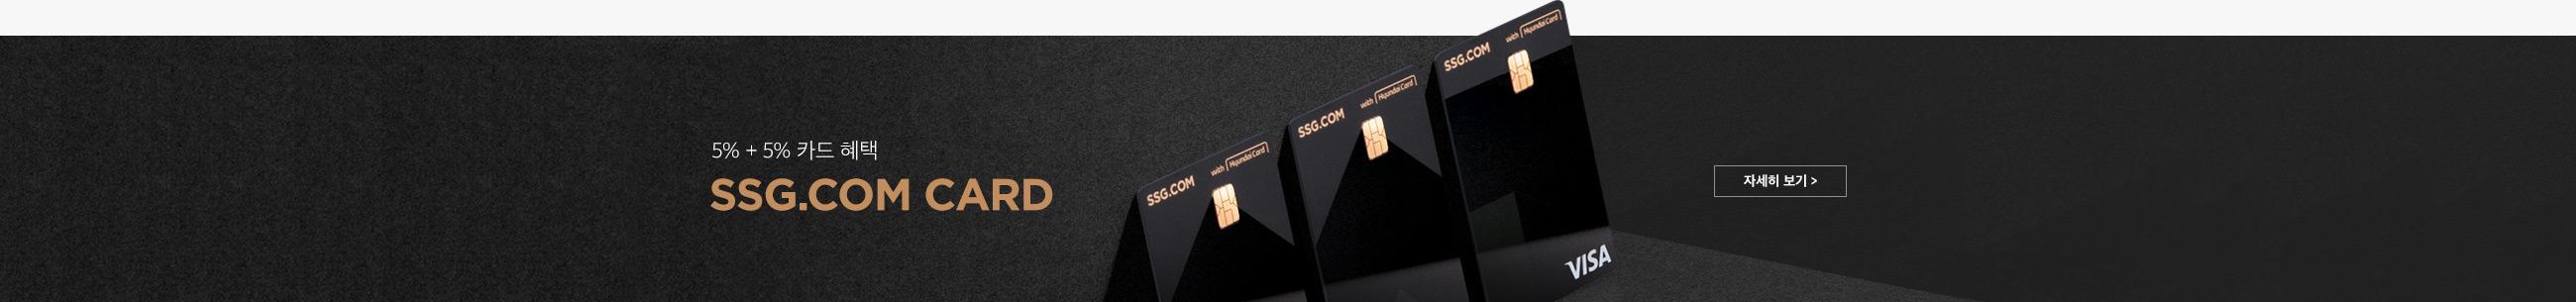 5% + 5% 카드 혜택 SSG.COM CARD 자세히 보기